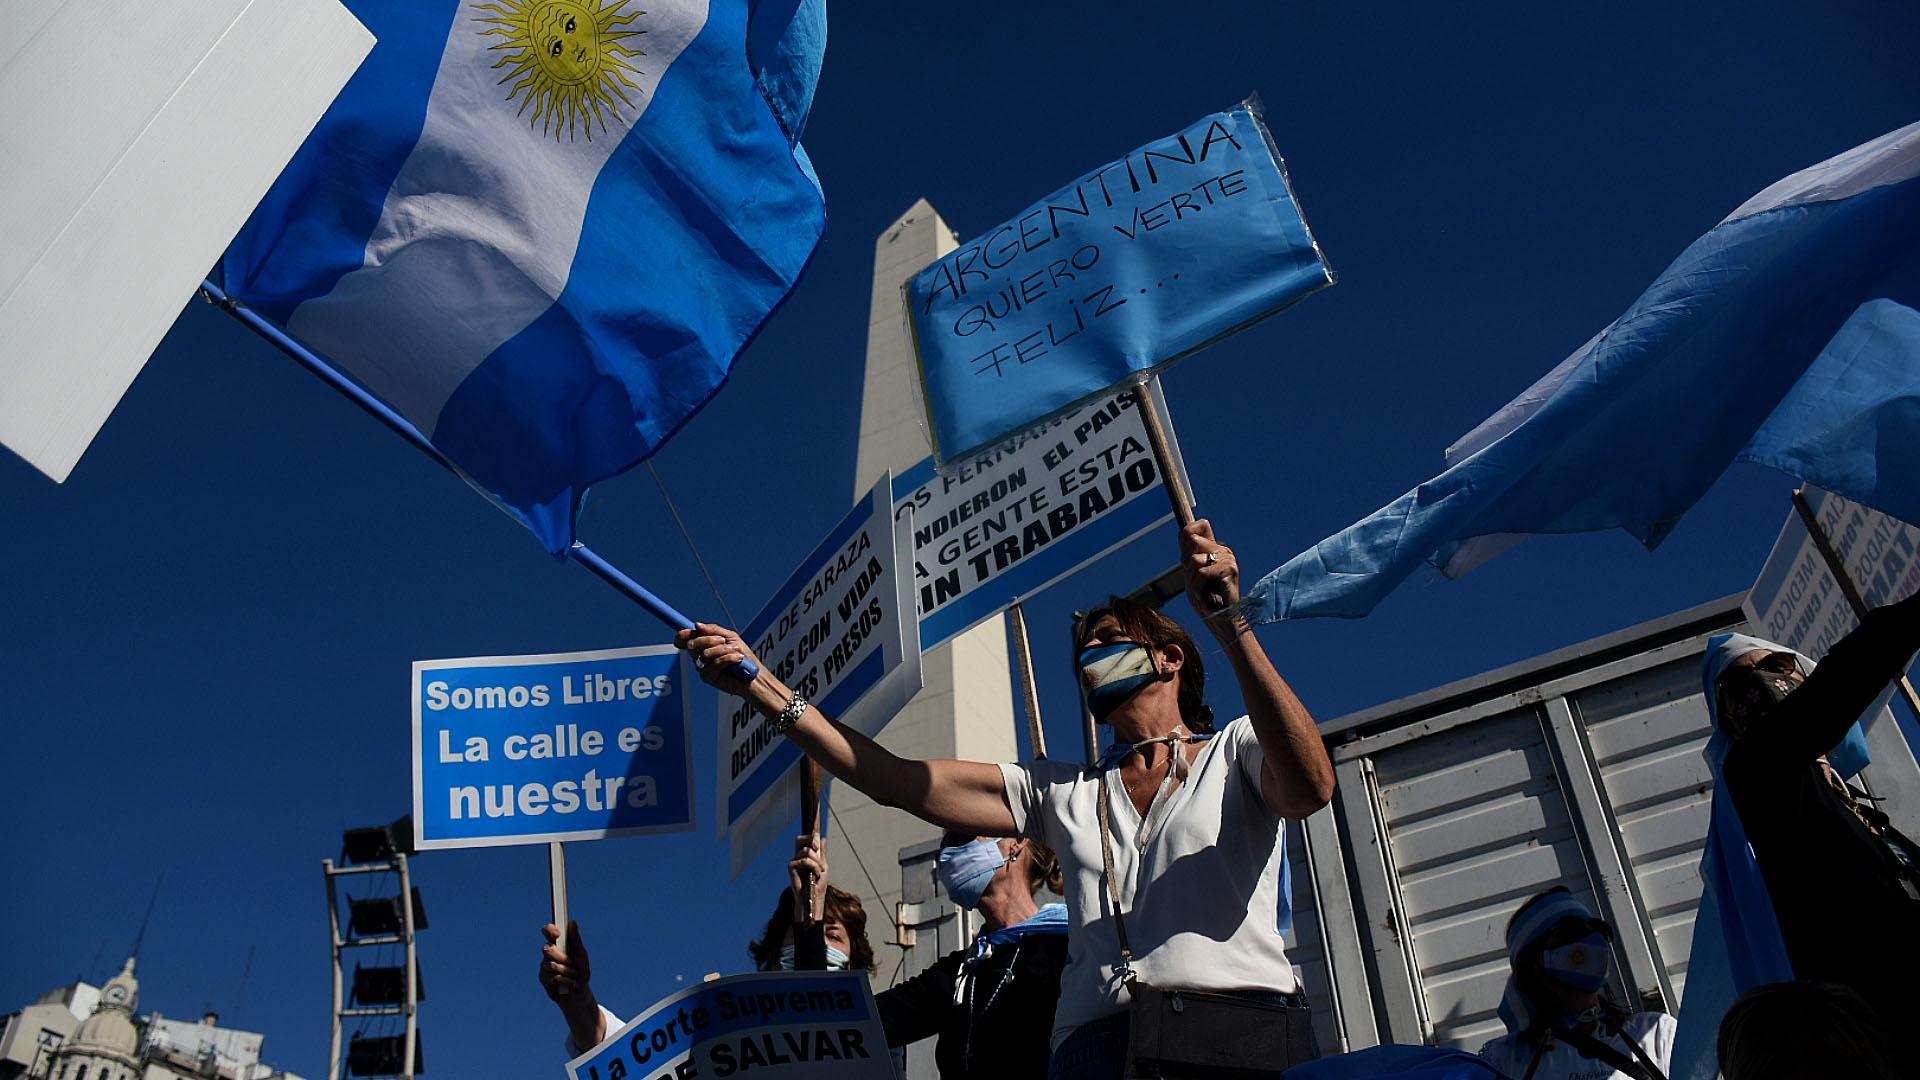 Se trató de la octava manifestación en contra de la gestión de Alberto Fernández durante la cuarentena